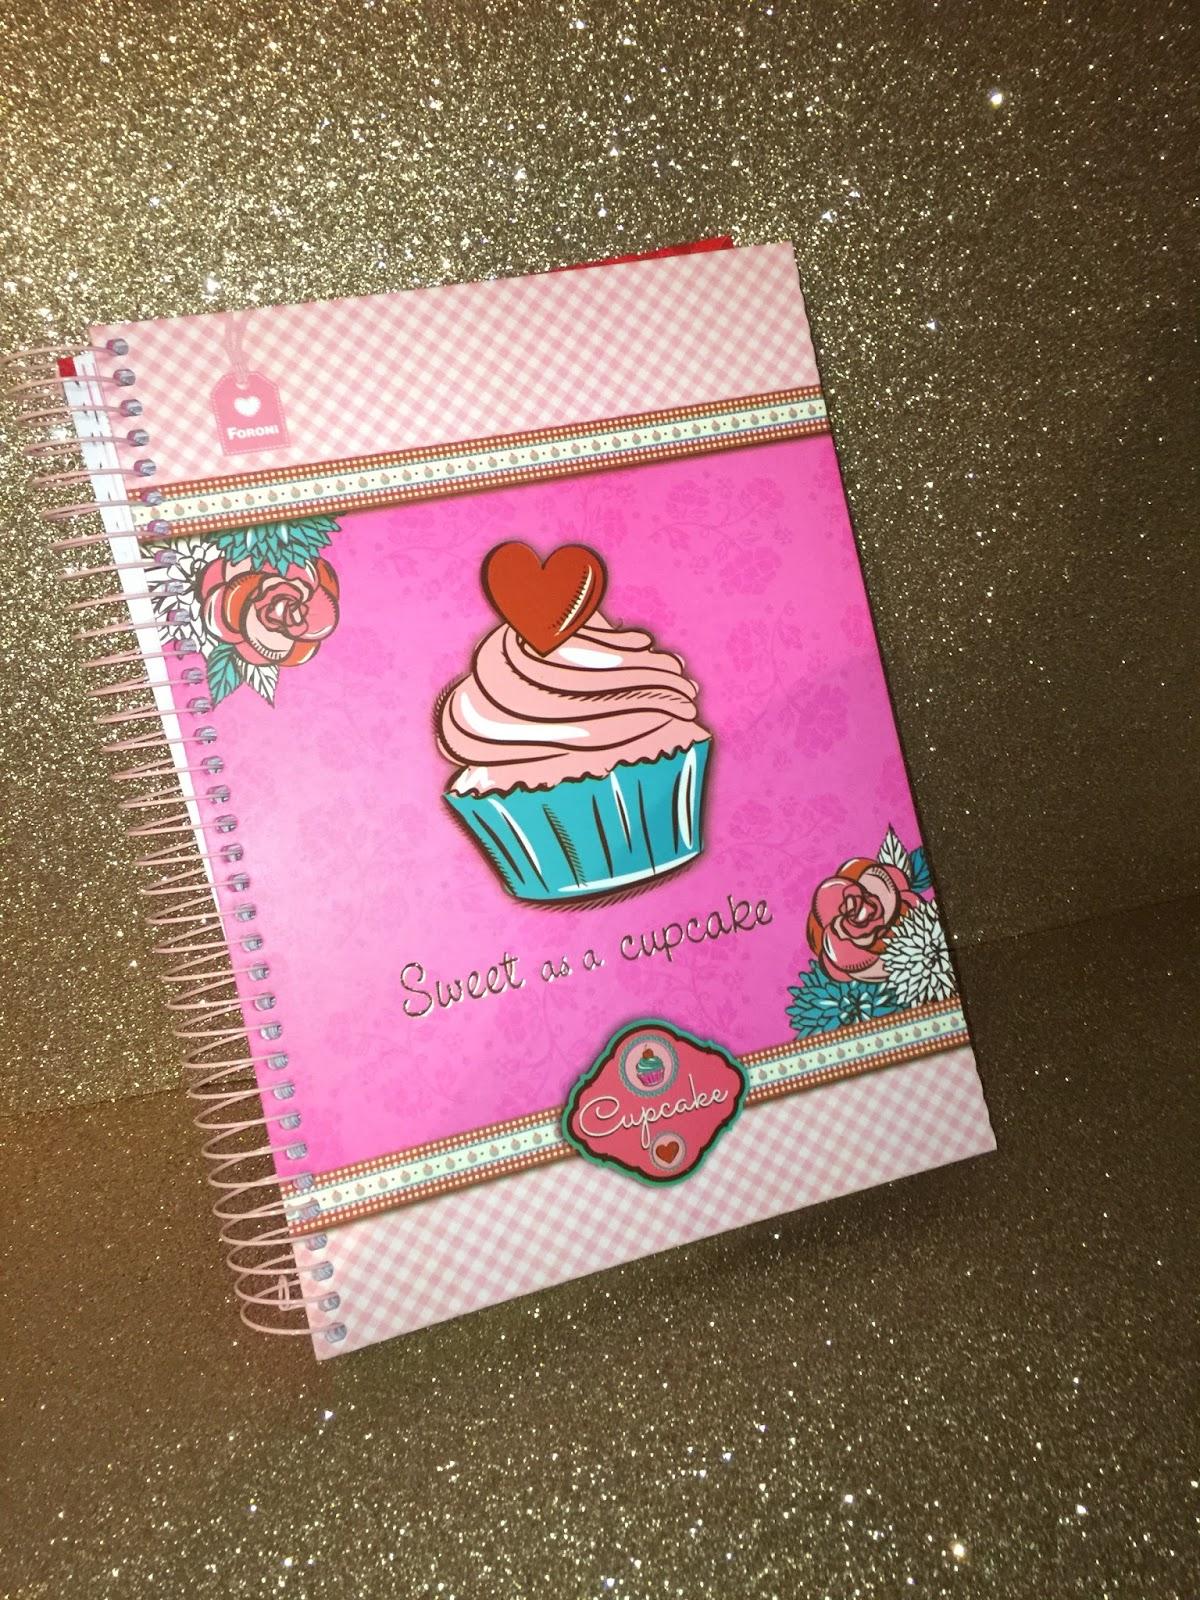 caderni cupcake foroni material escolar volta às aulas loja tudo e cia curitiba